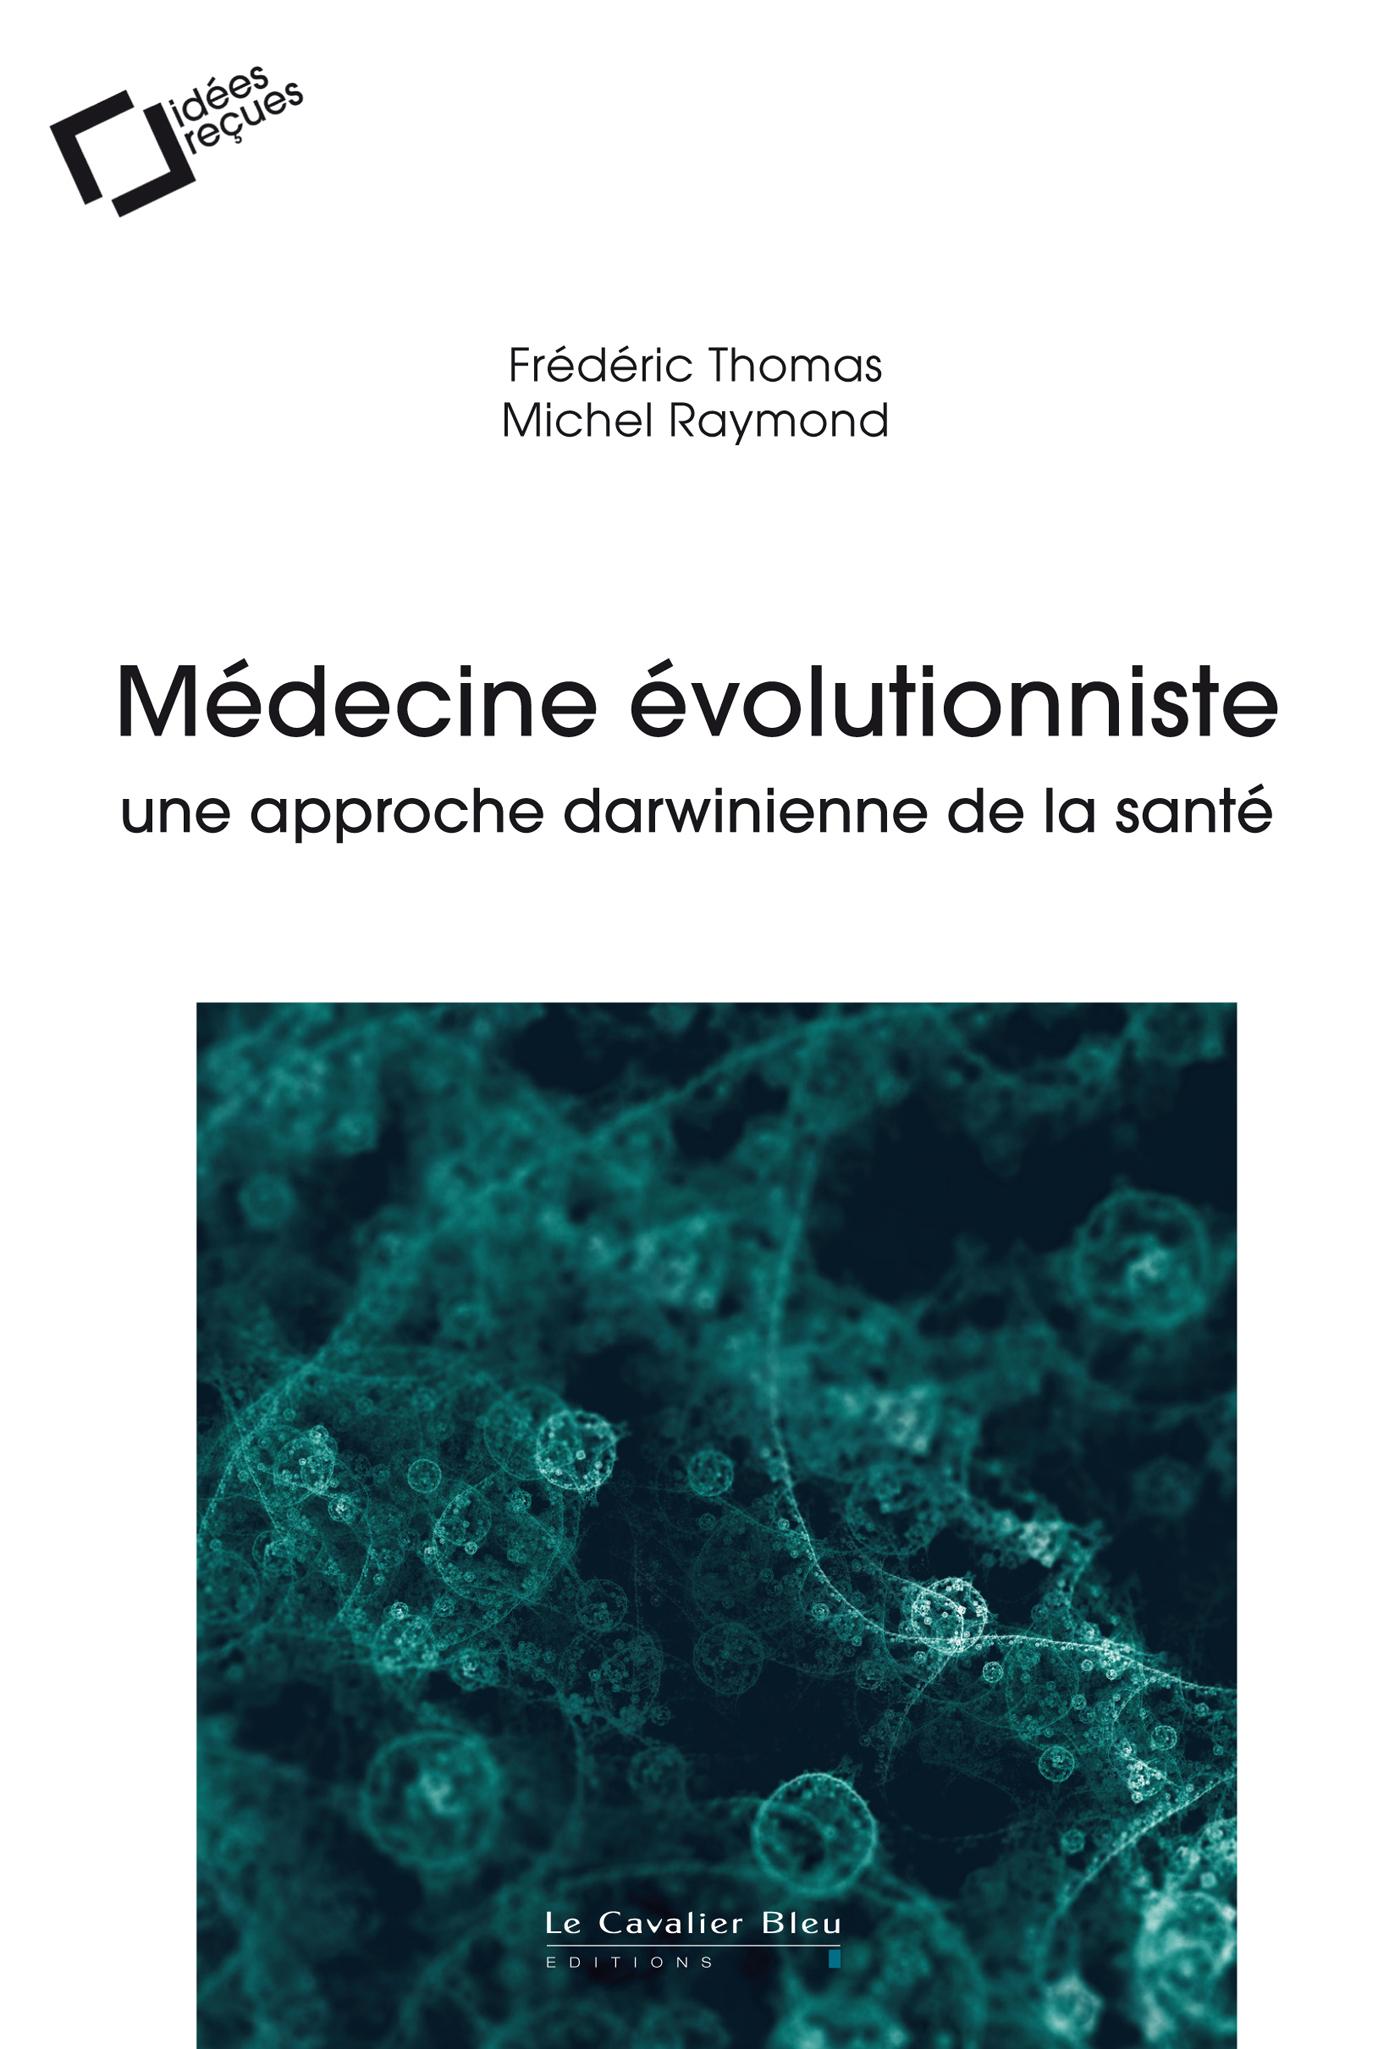 MEDECINE EVOLUTIONNISTE - UNE APPROCHE DARWINIENNE DE LA SANTE